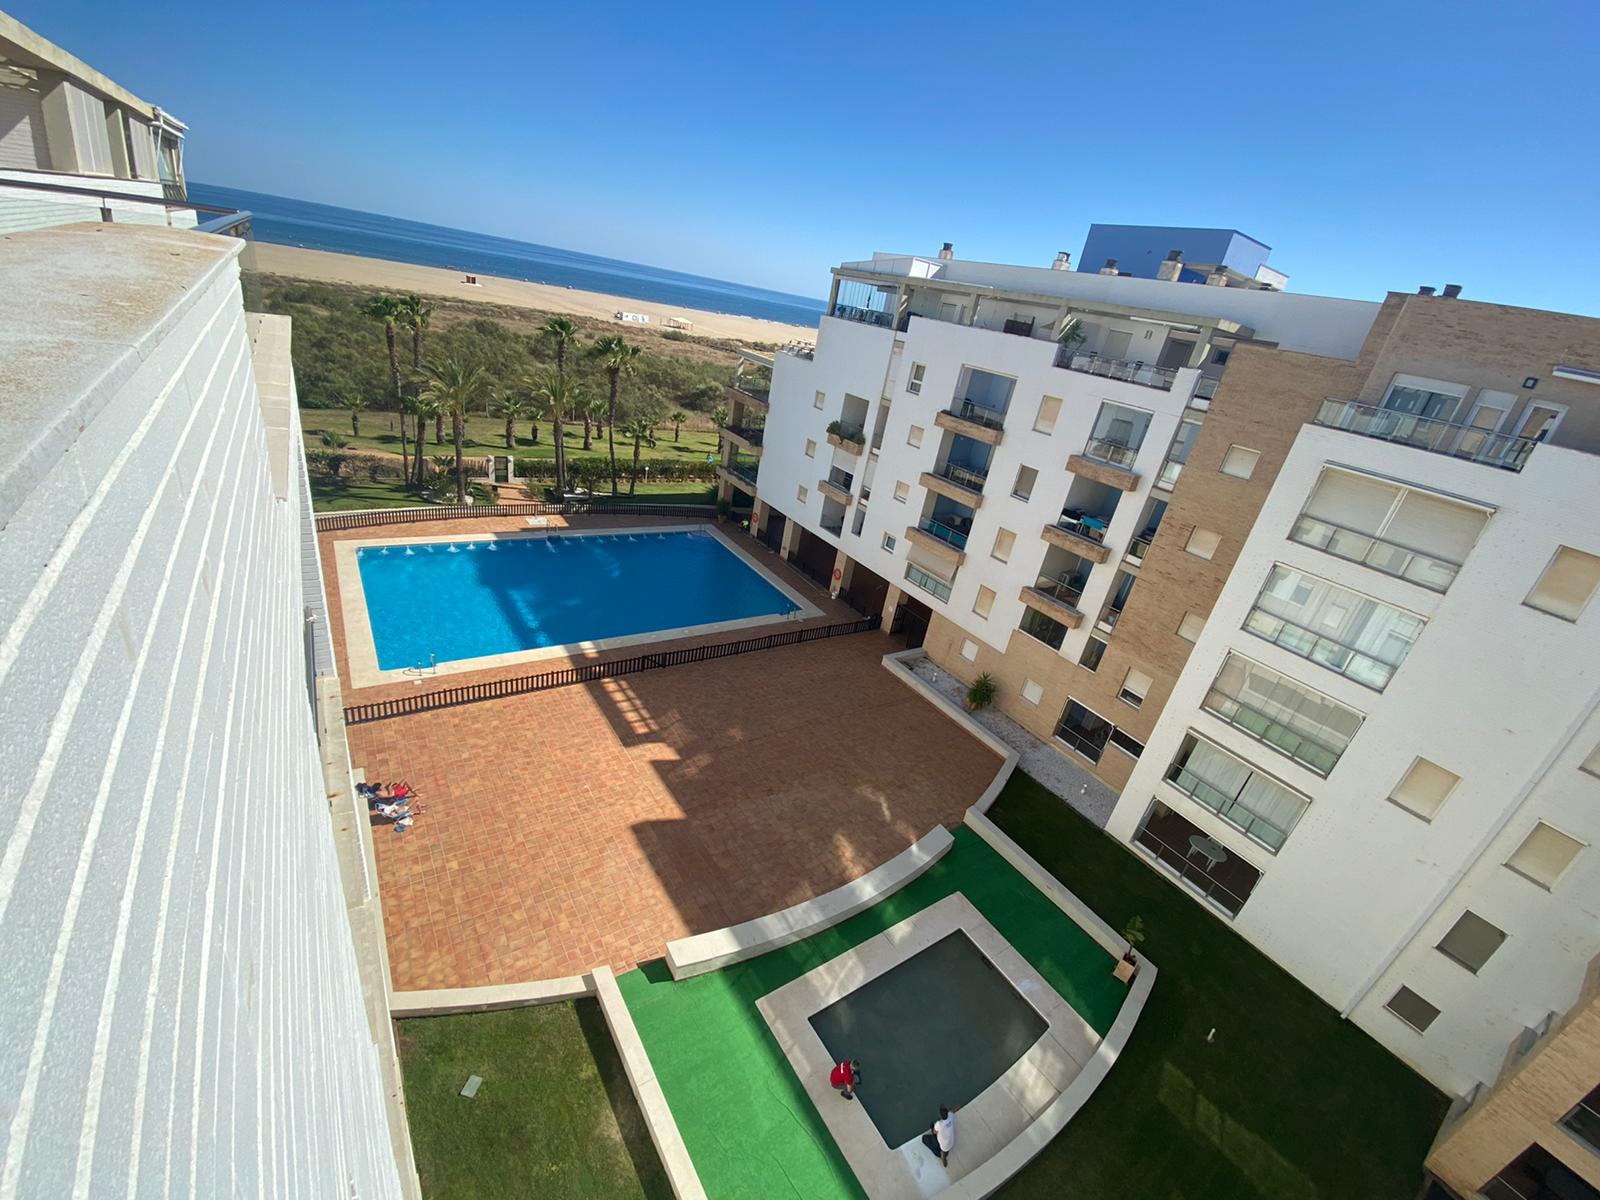 Imagen 29 del Apartamento Turístico, Ático 1 Central (3d+2b), Punta del Moral (HUELVA), Paseo de la Cruz nº22